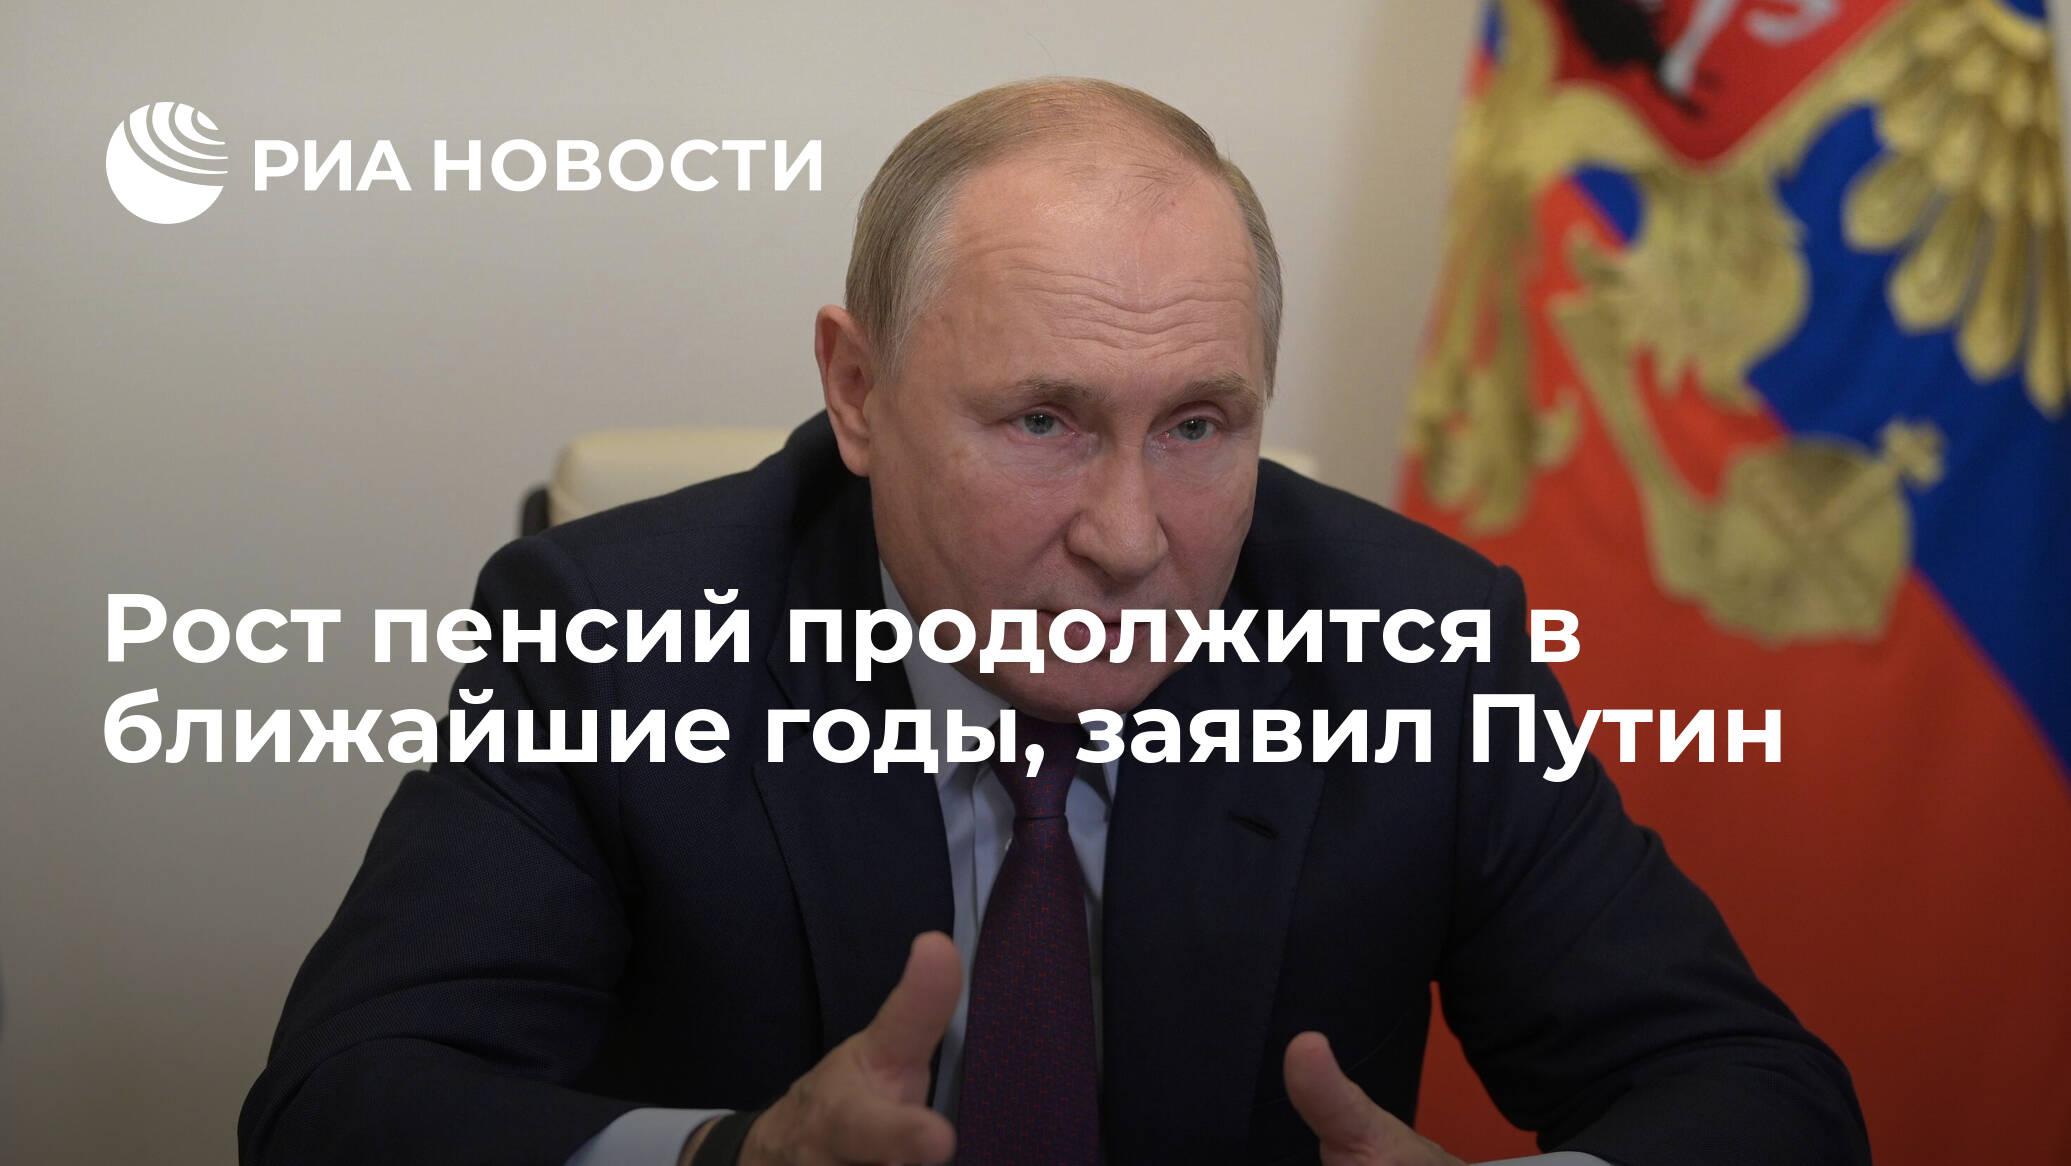 Рост пенсий продолжится в ближайшие годы, заявил Путин